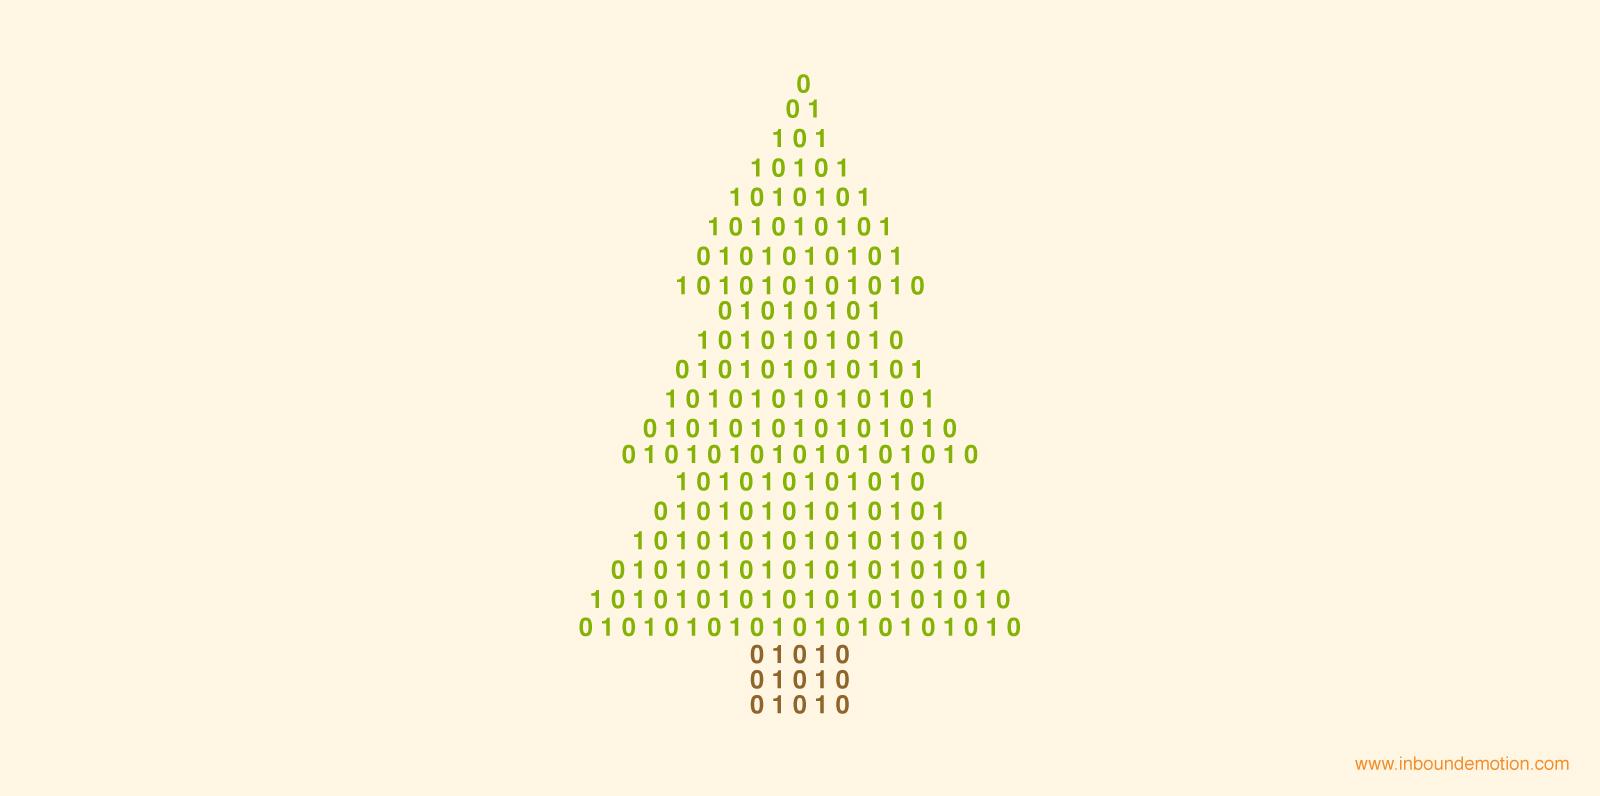 Felicitaciones Navidad Imagenes.Felicitar La Navidad Online Con Mucha Creatividad Y Poco